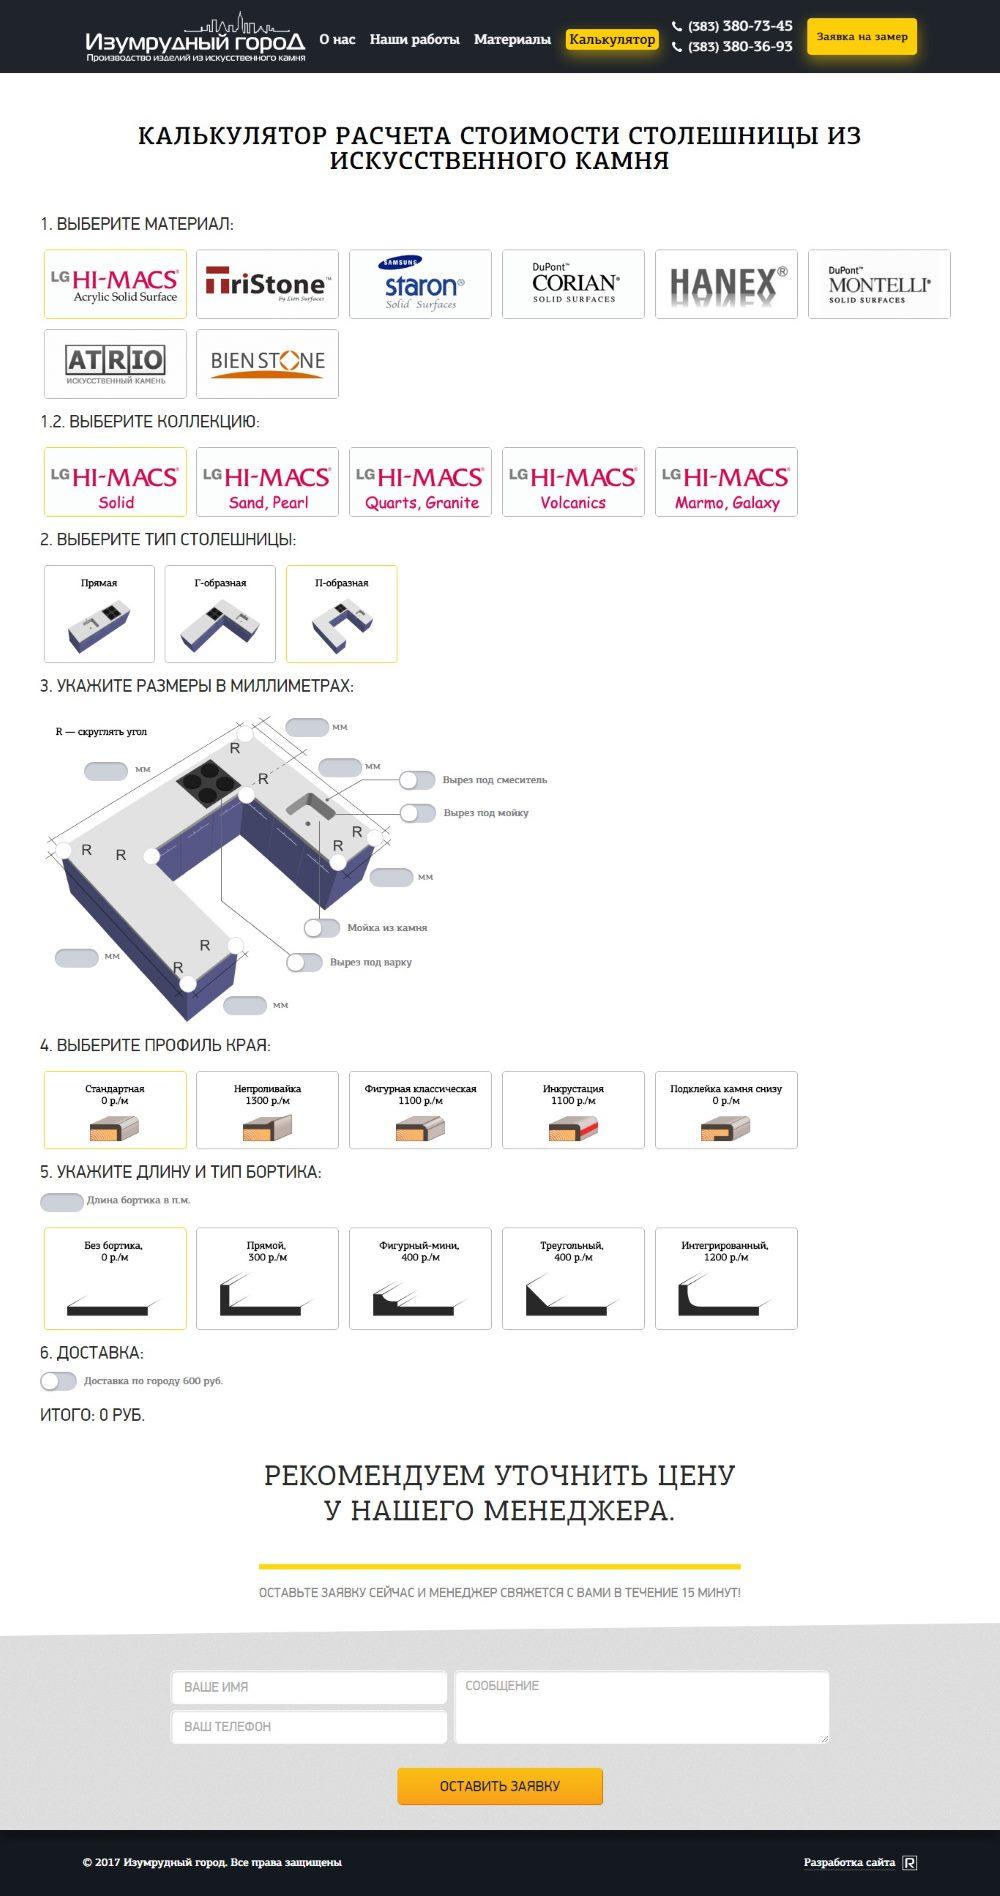 Страница калькулятора расчета стоимости столешницы из искусственного камня